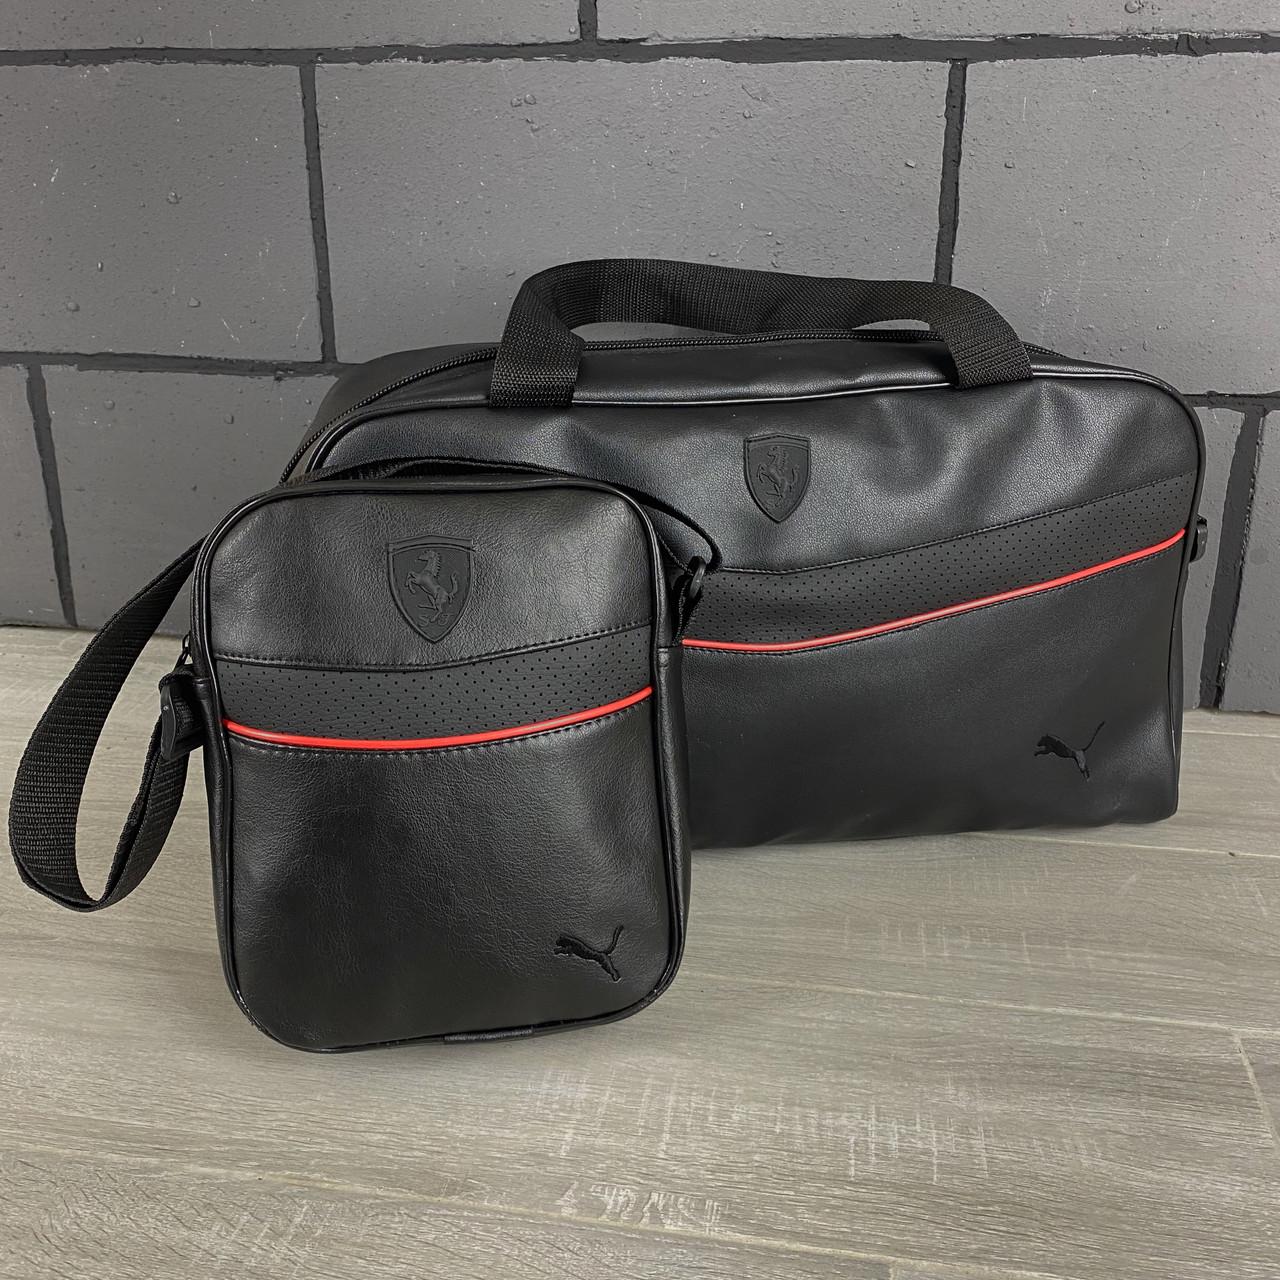 Сумка спортивная кожаная черная (унисекс) Puma + барсетка черная пума комплект Мужской | Женский